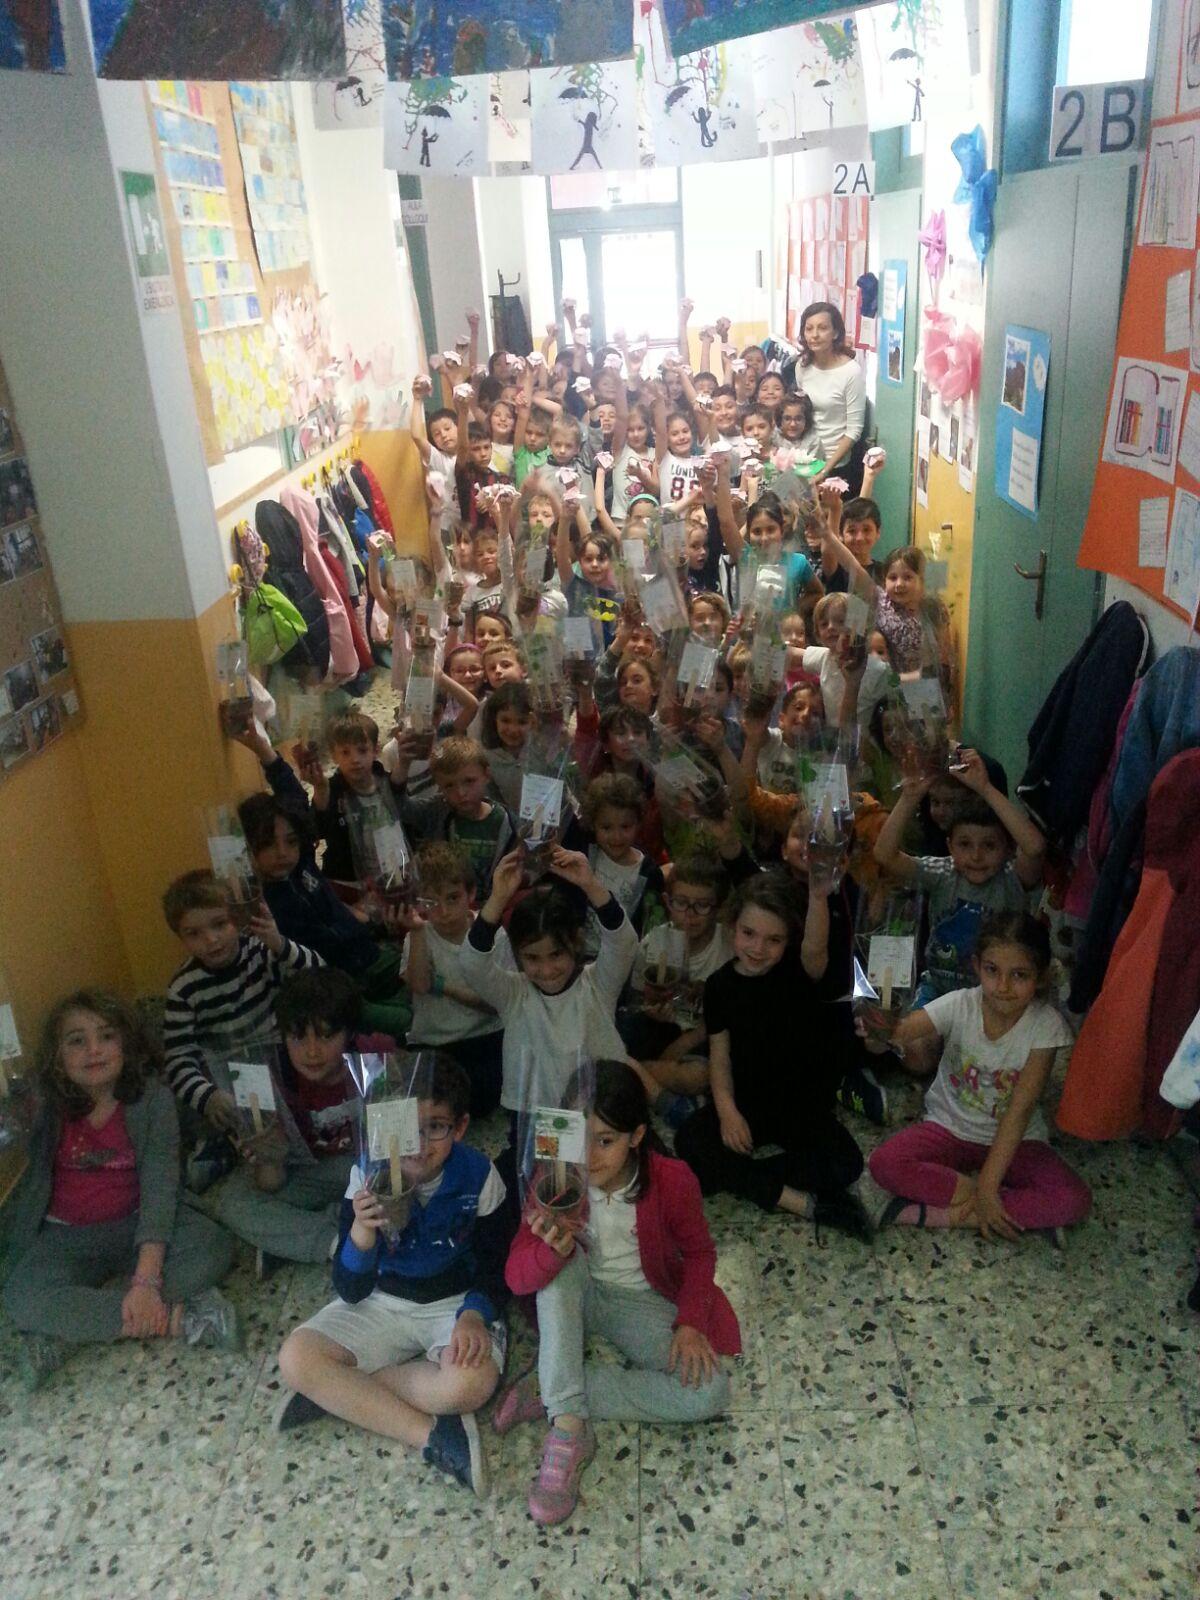 Festa della mamma, scuola primaria di Milano in Piazzale Brescia